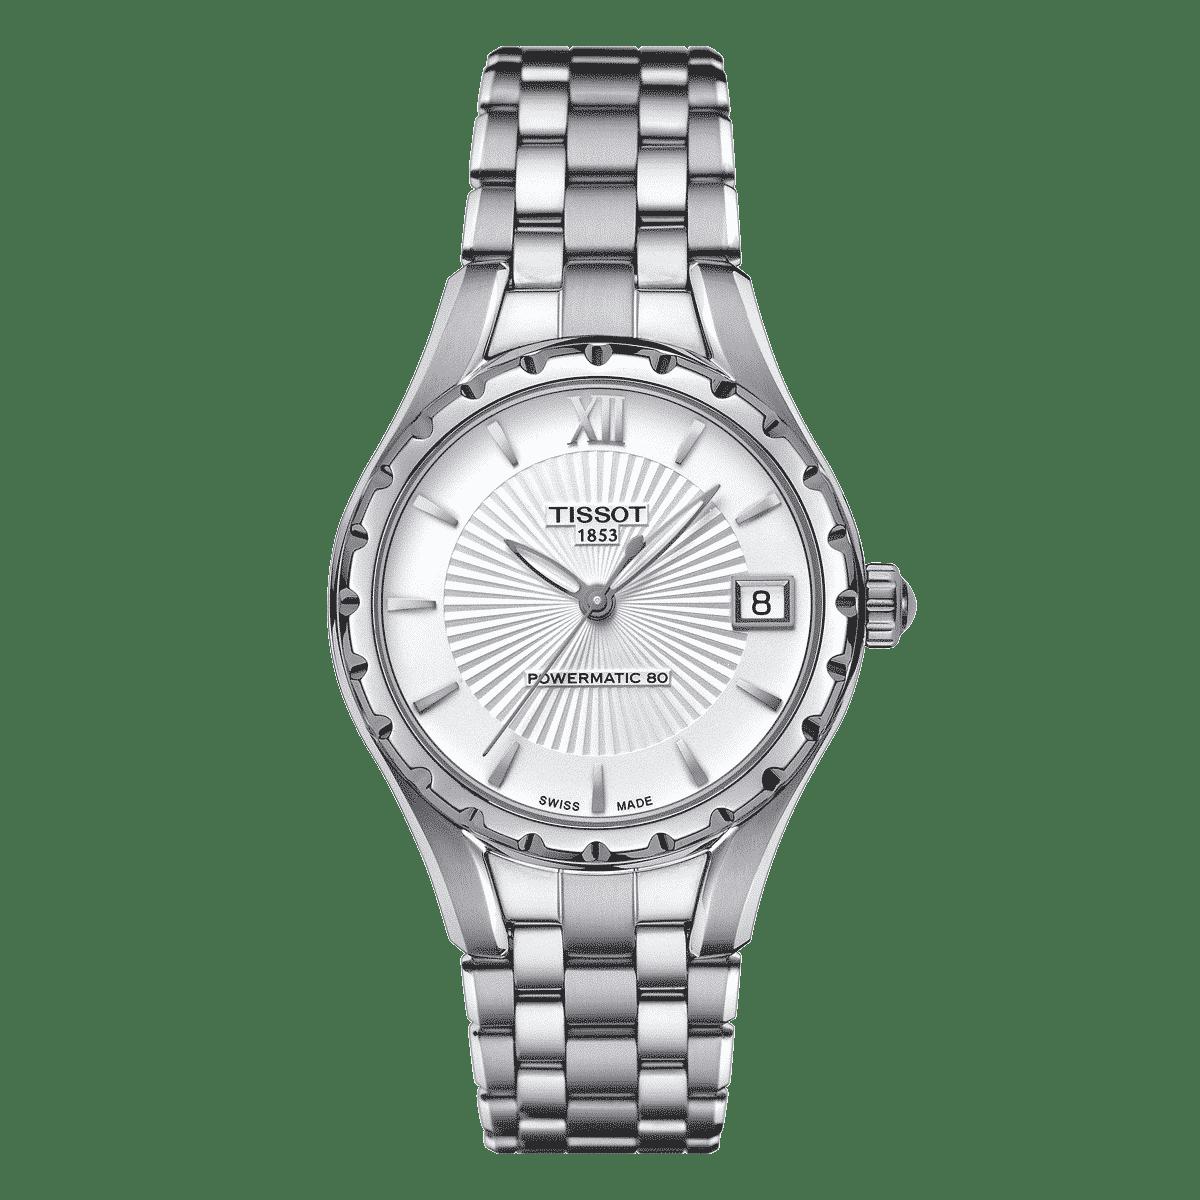 Tissot-Lady-80-Automatique-T072_T072_207_11_038_00_MT Lionel Meylan Horlogerie Joaillerie Vevey